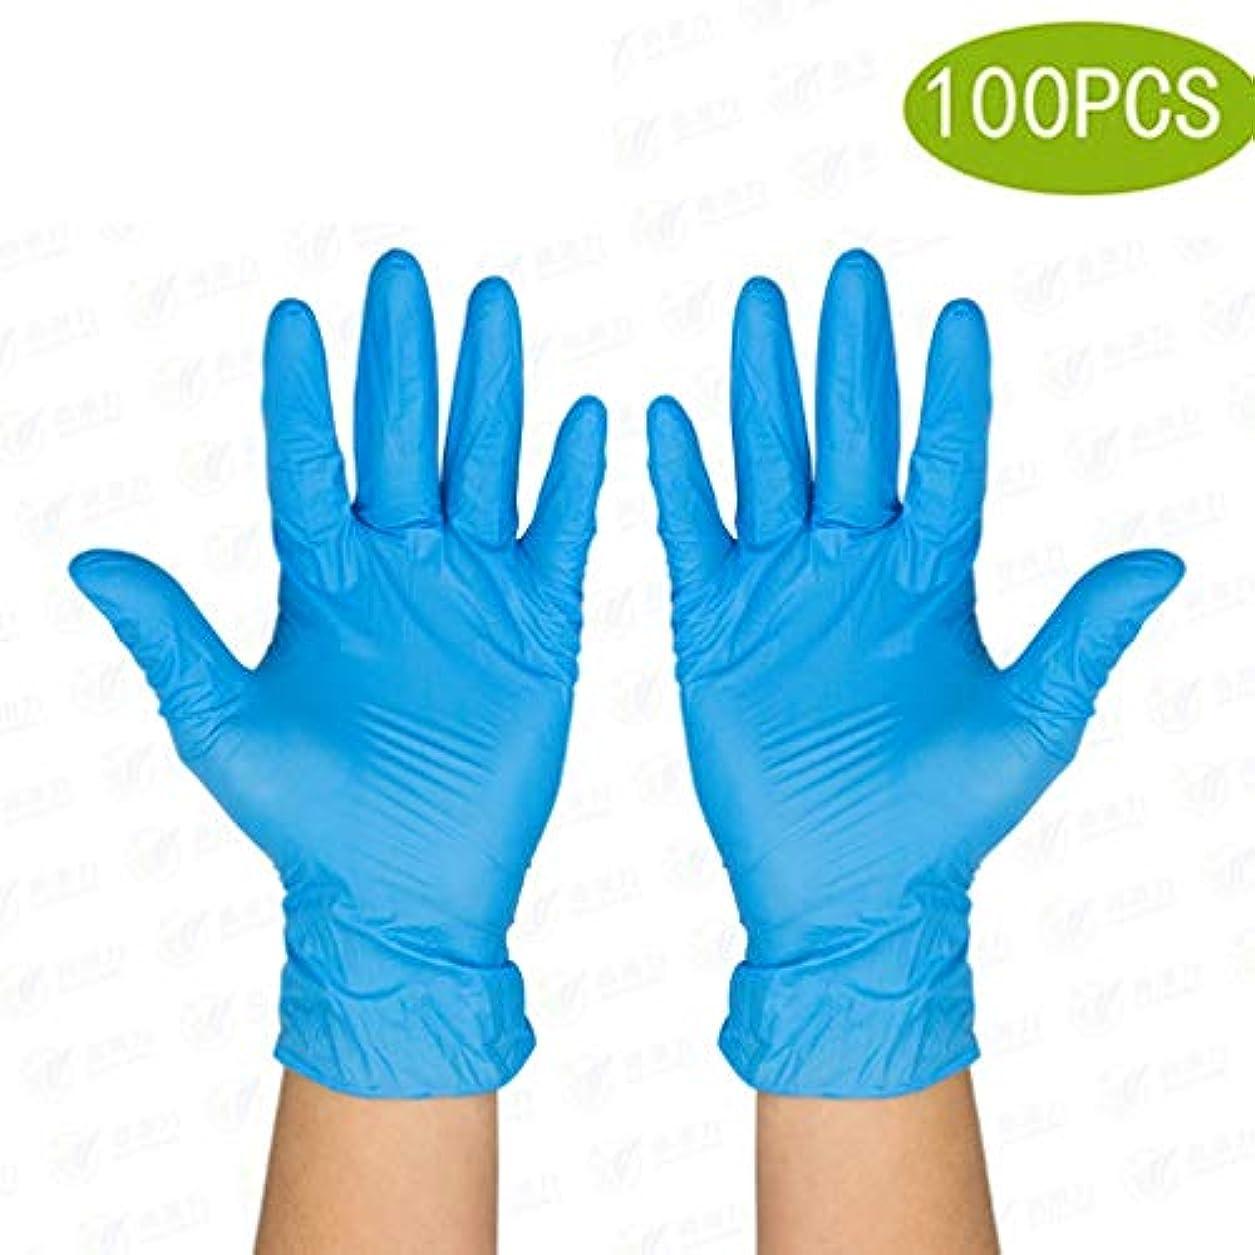 カップ鼻短くする保護用使い捨てニトリル医療用手袋、3mil、ラテックスフリー、試験グレードの手袋、質感のある、両性、非滅菌の、100ラテックス手袋のパック (Color : Blue, Size : L)